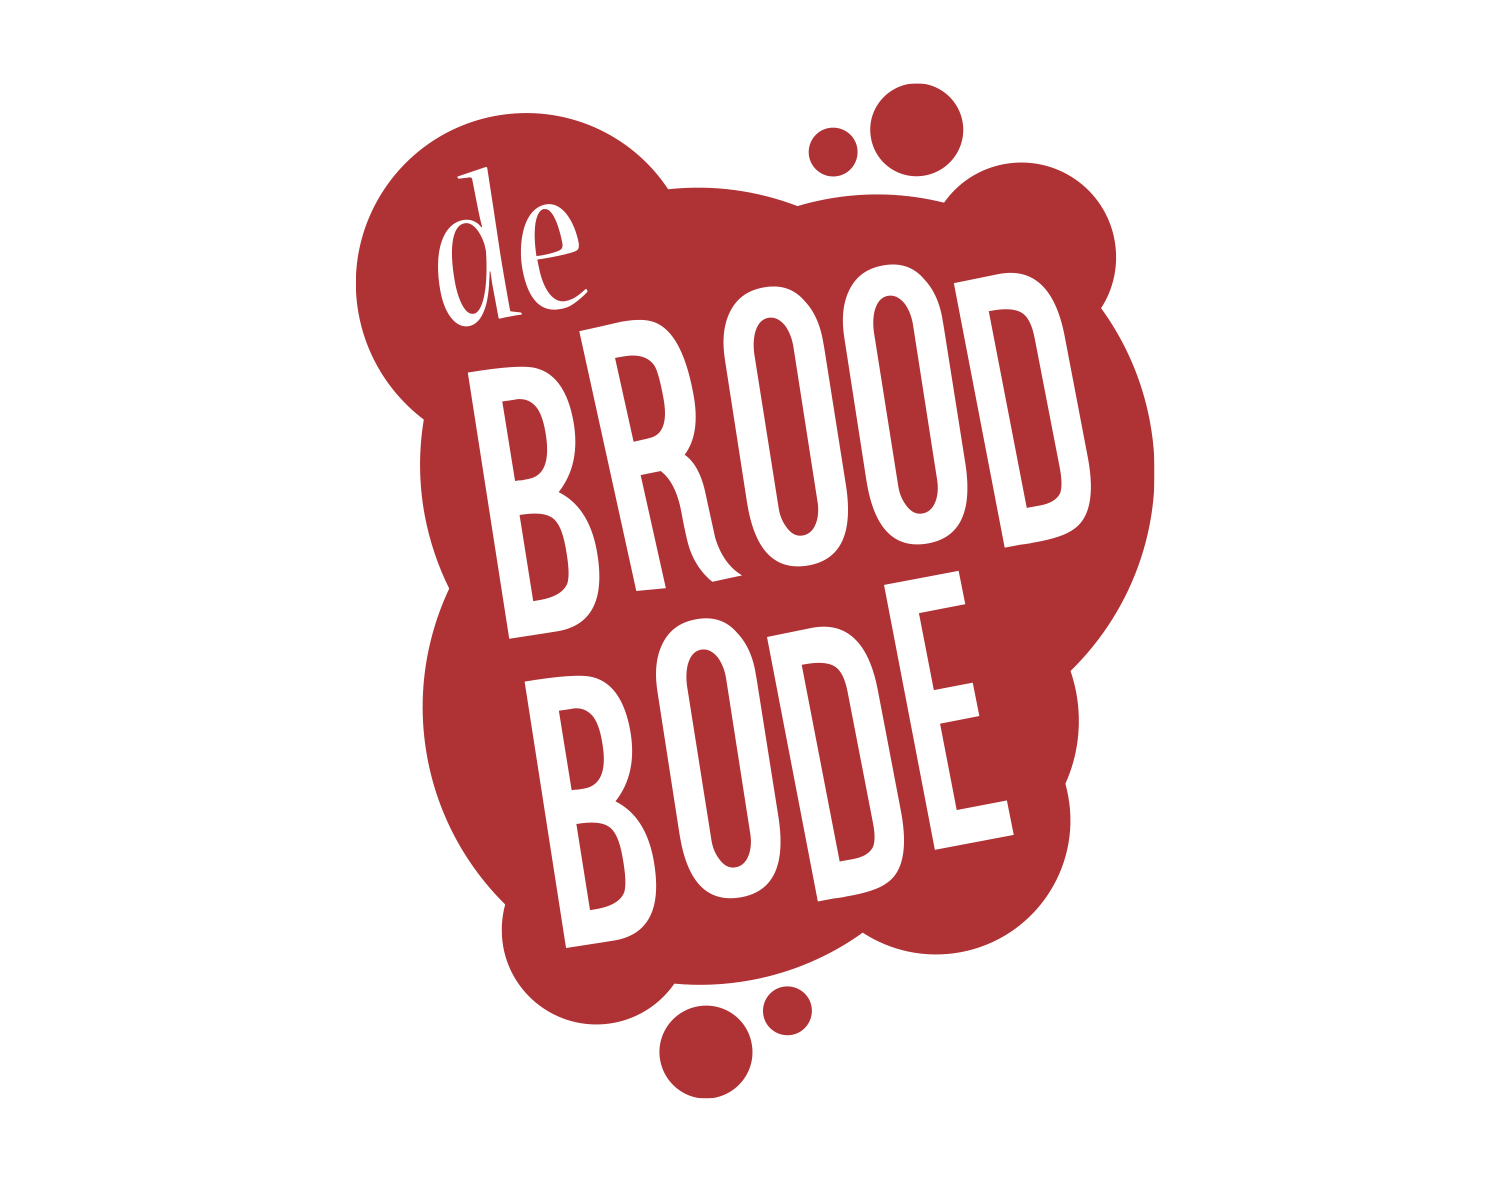 Broodbode